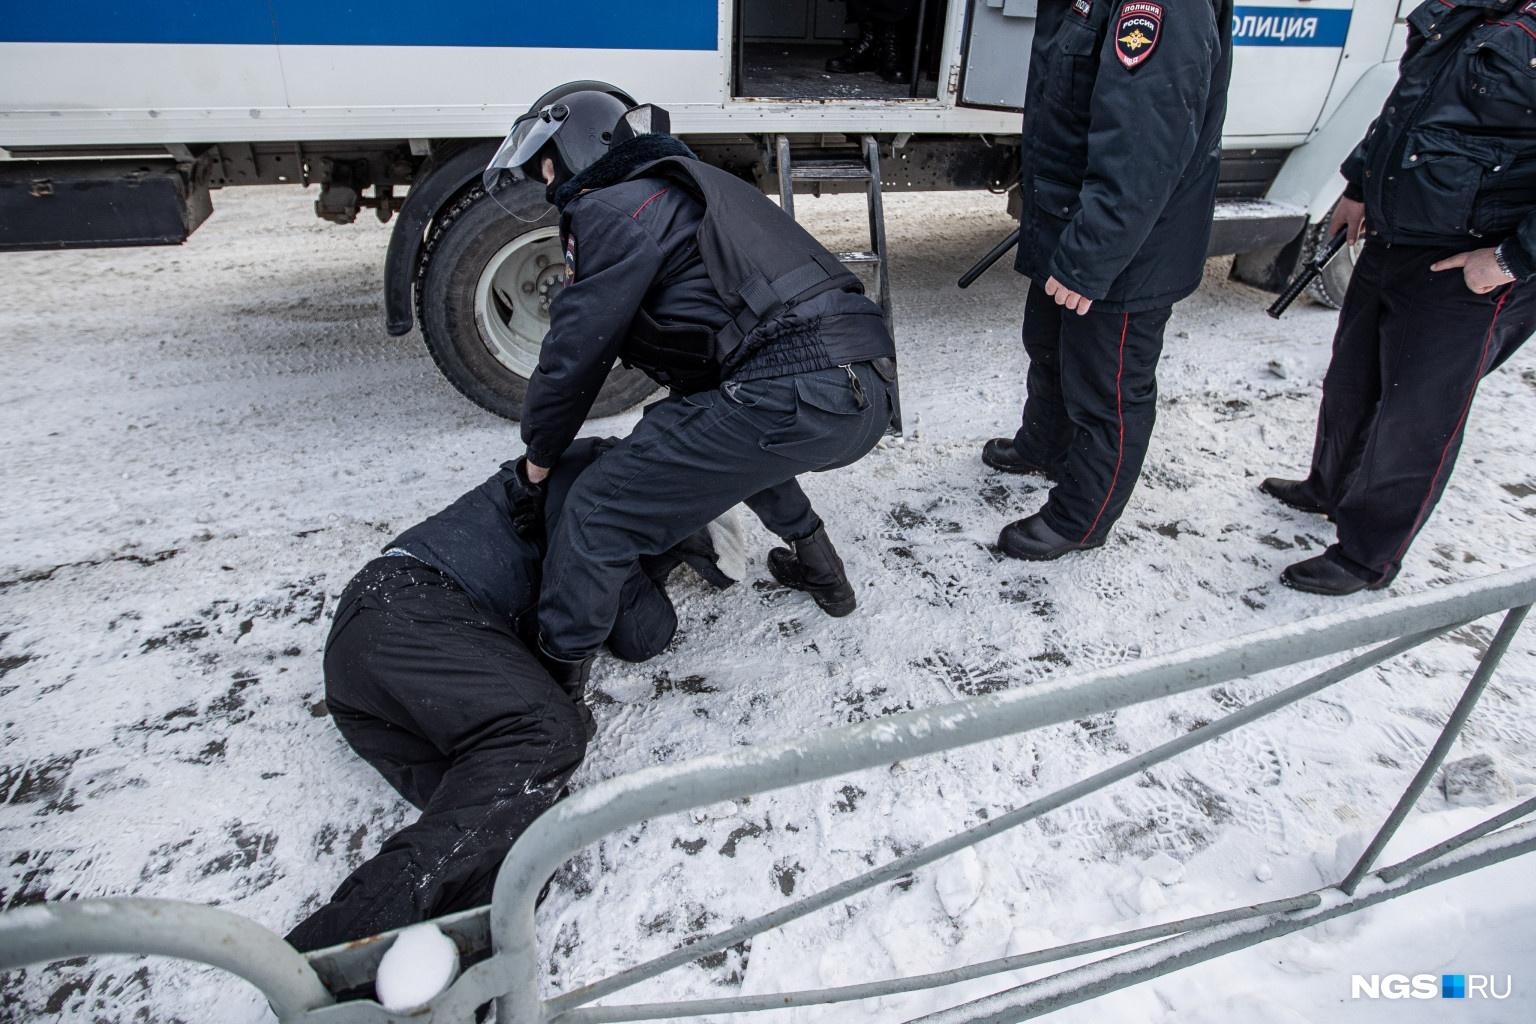 В этот день были задержаны как минимум 90 новосибирцев